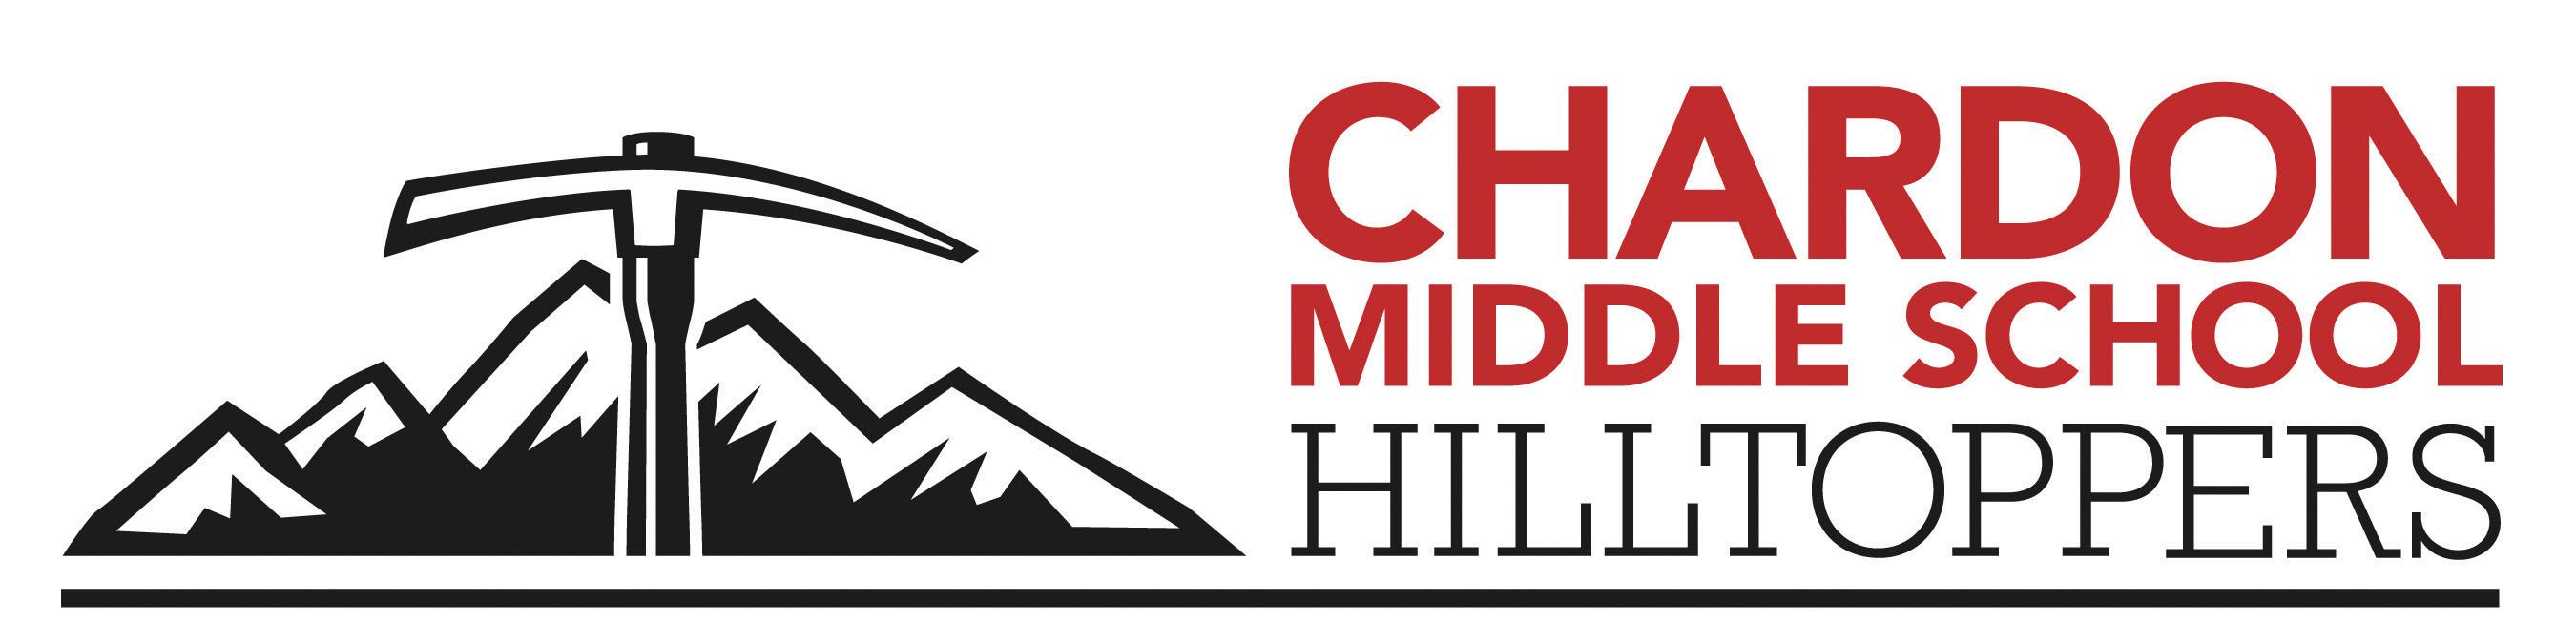 Chardon Middle School Hilltoppers mountain axe logo